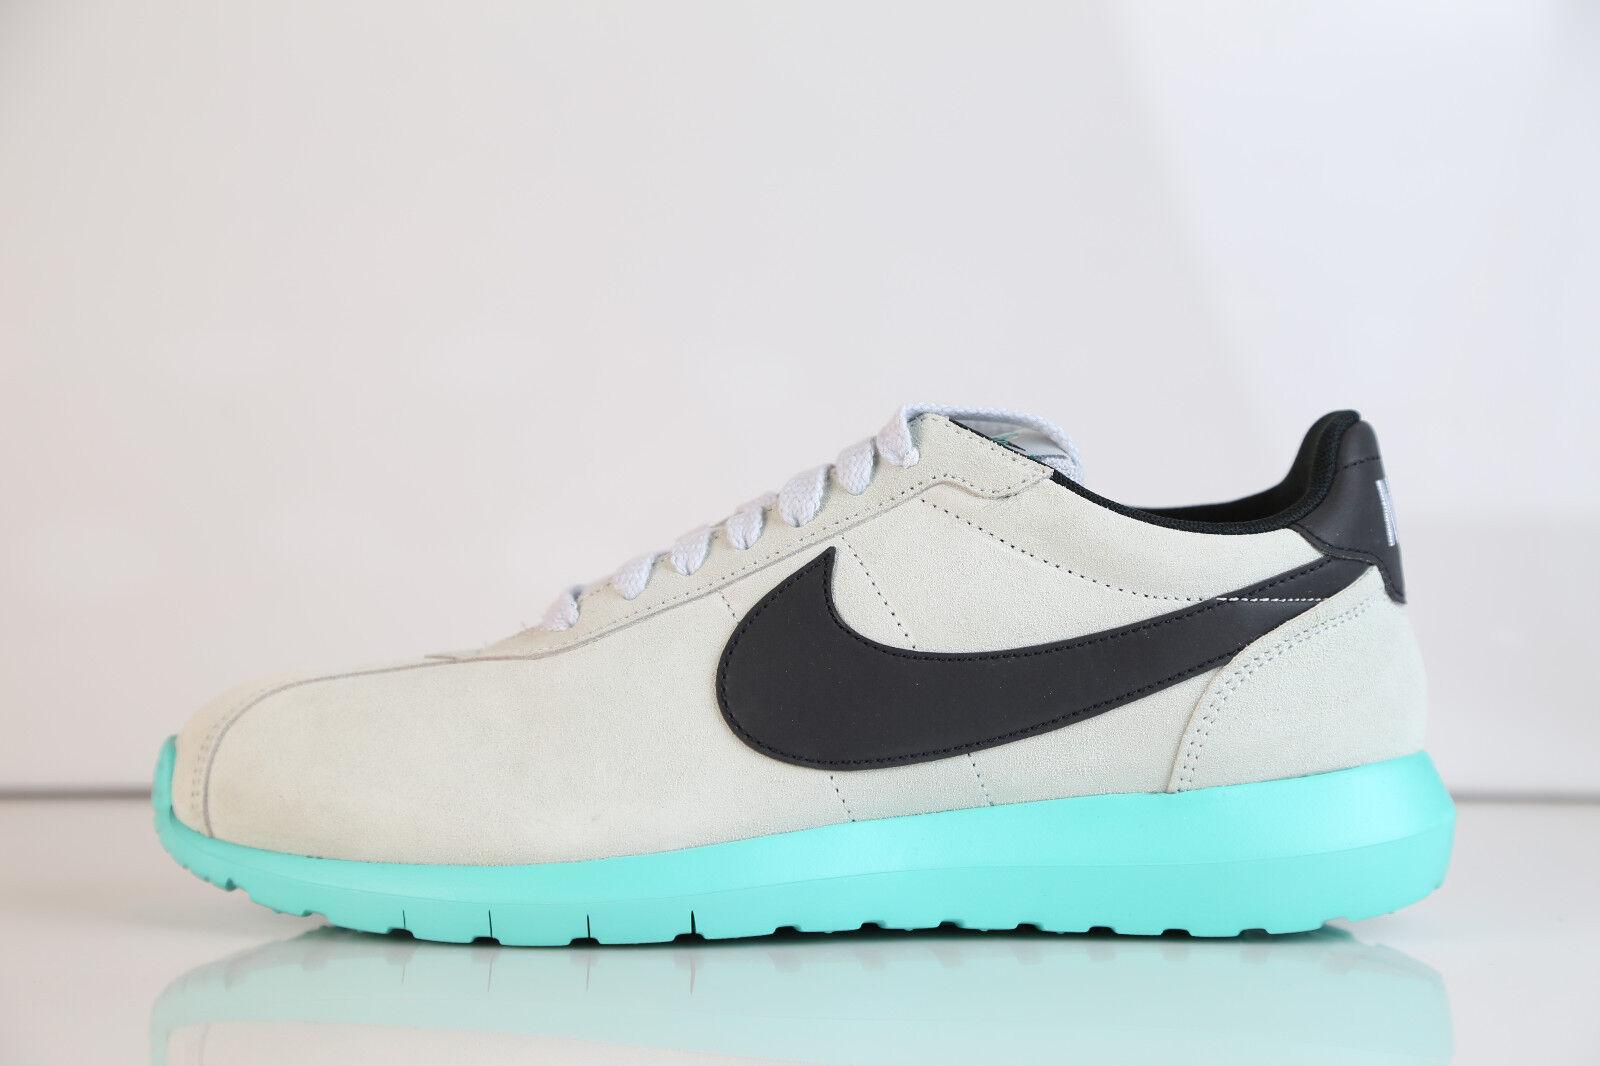 Nike Roshe LD-1000 QS Pure Platinum Calypso 802022-003 9-11.5 run free 1 11